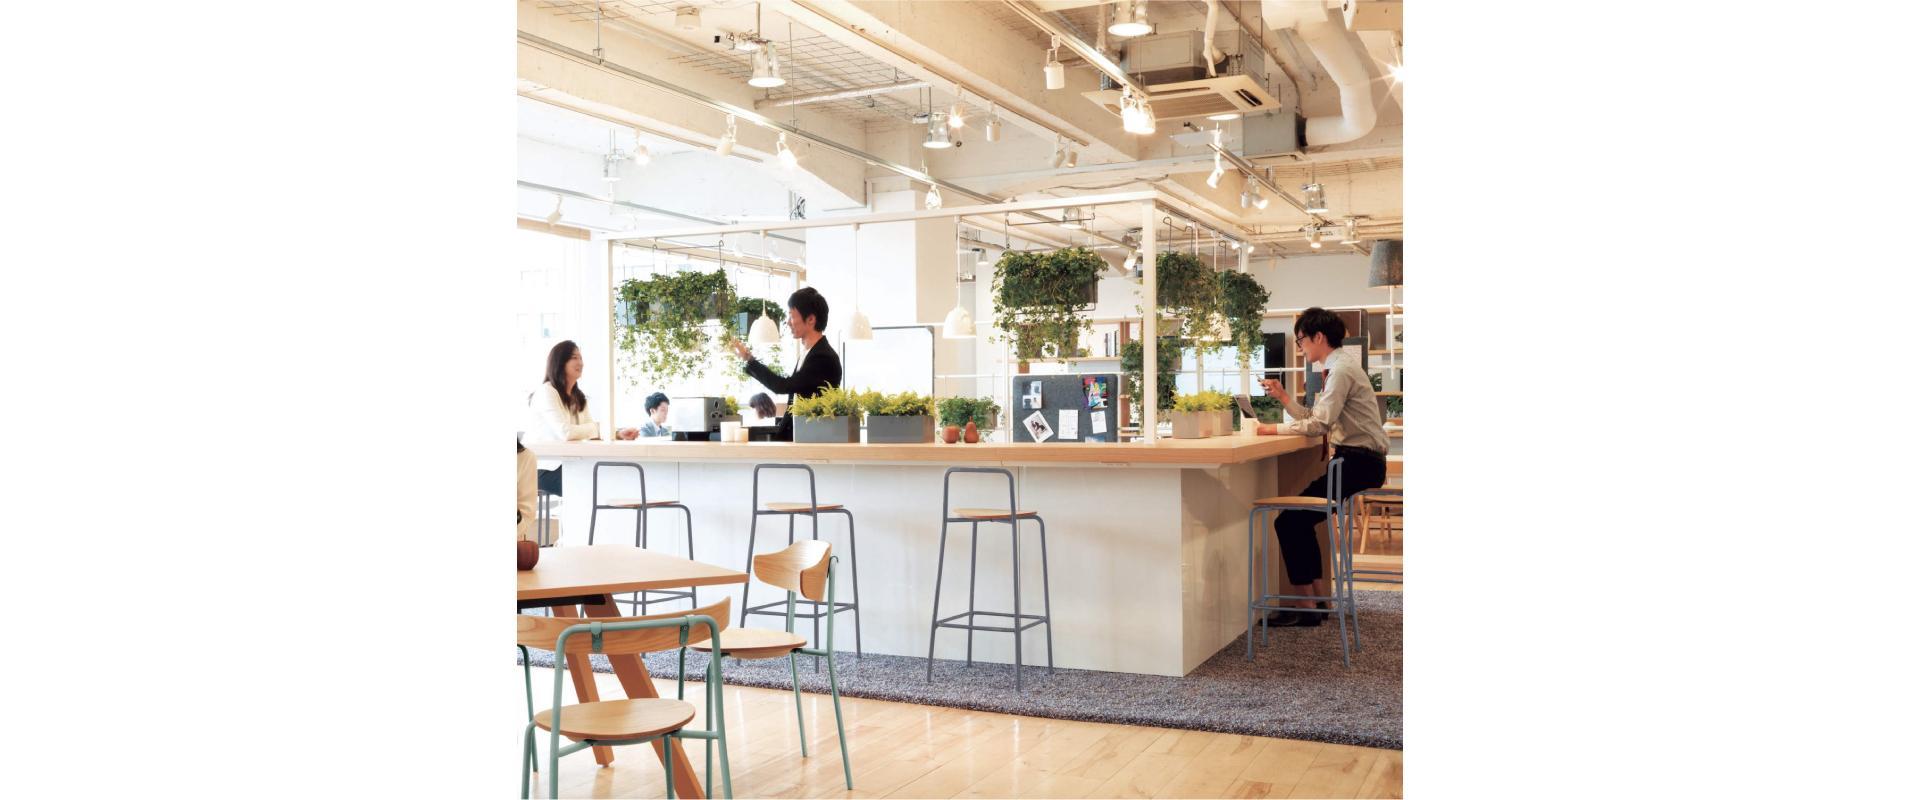 カフェ風のオフィス